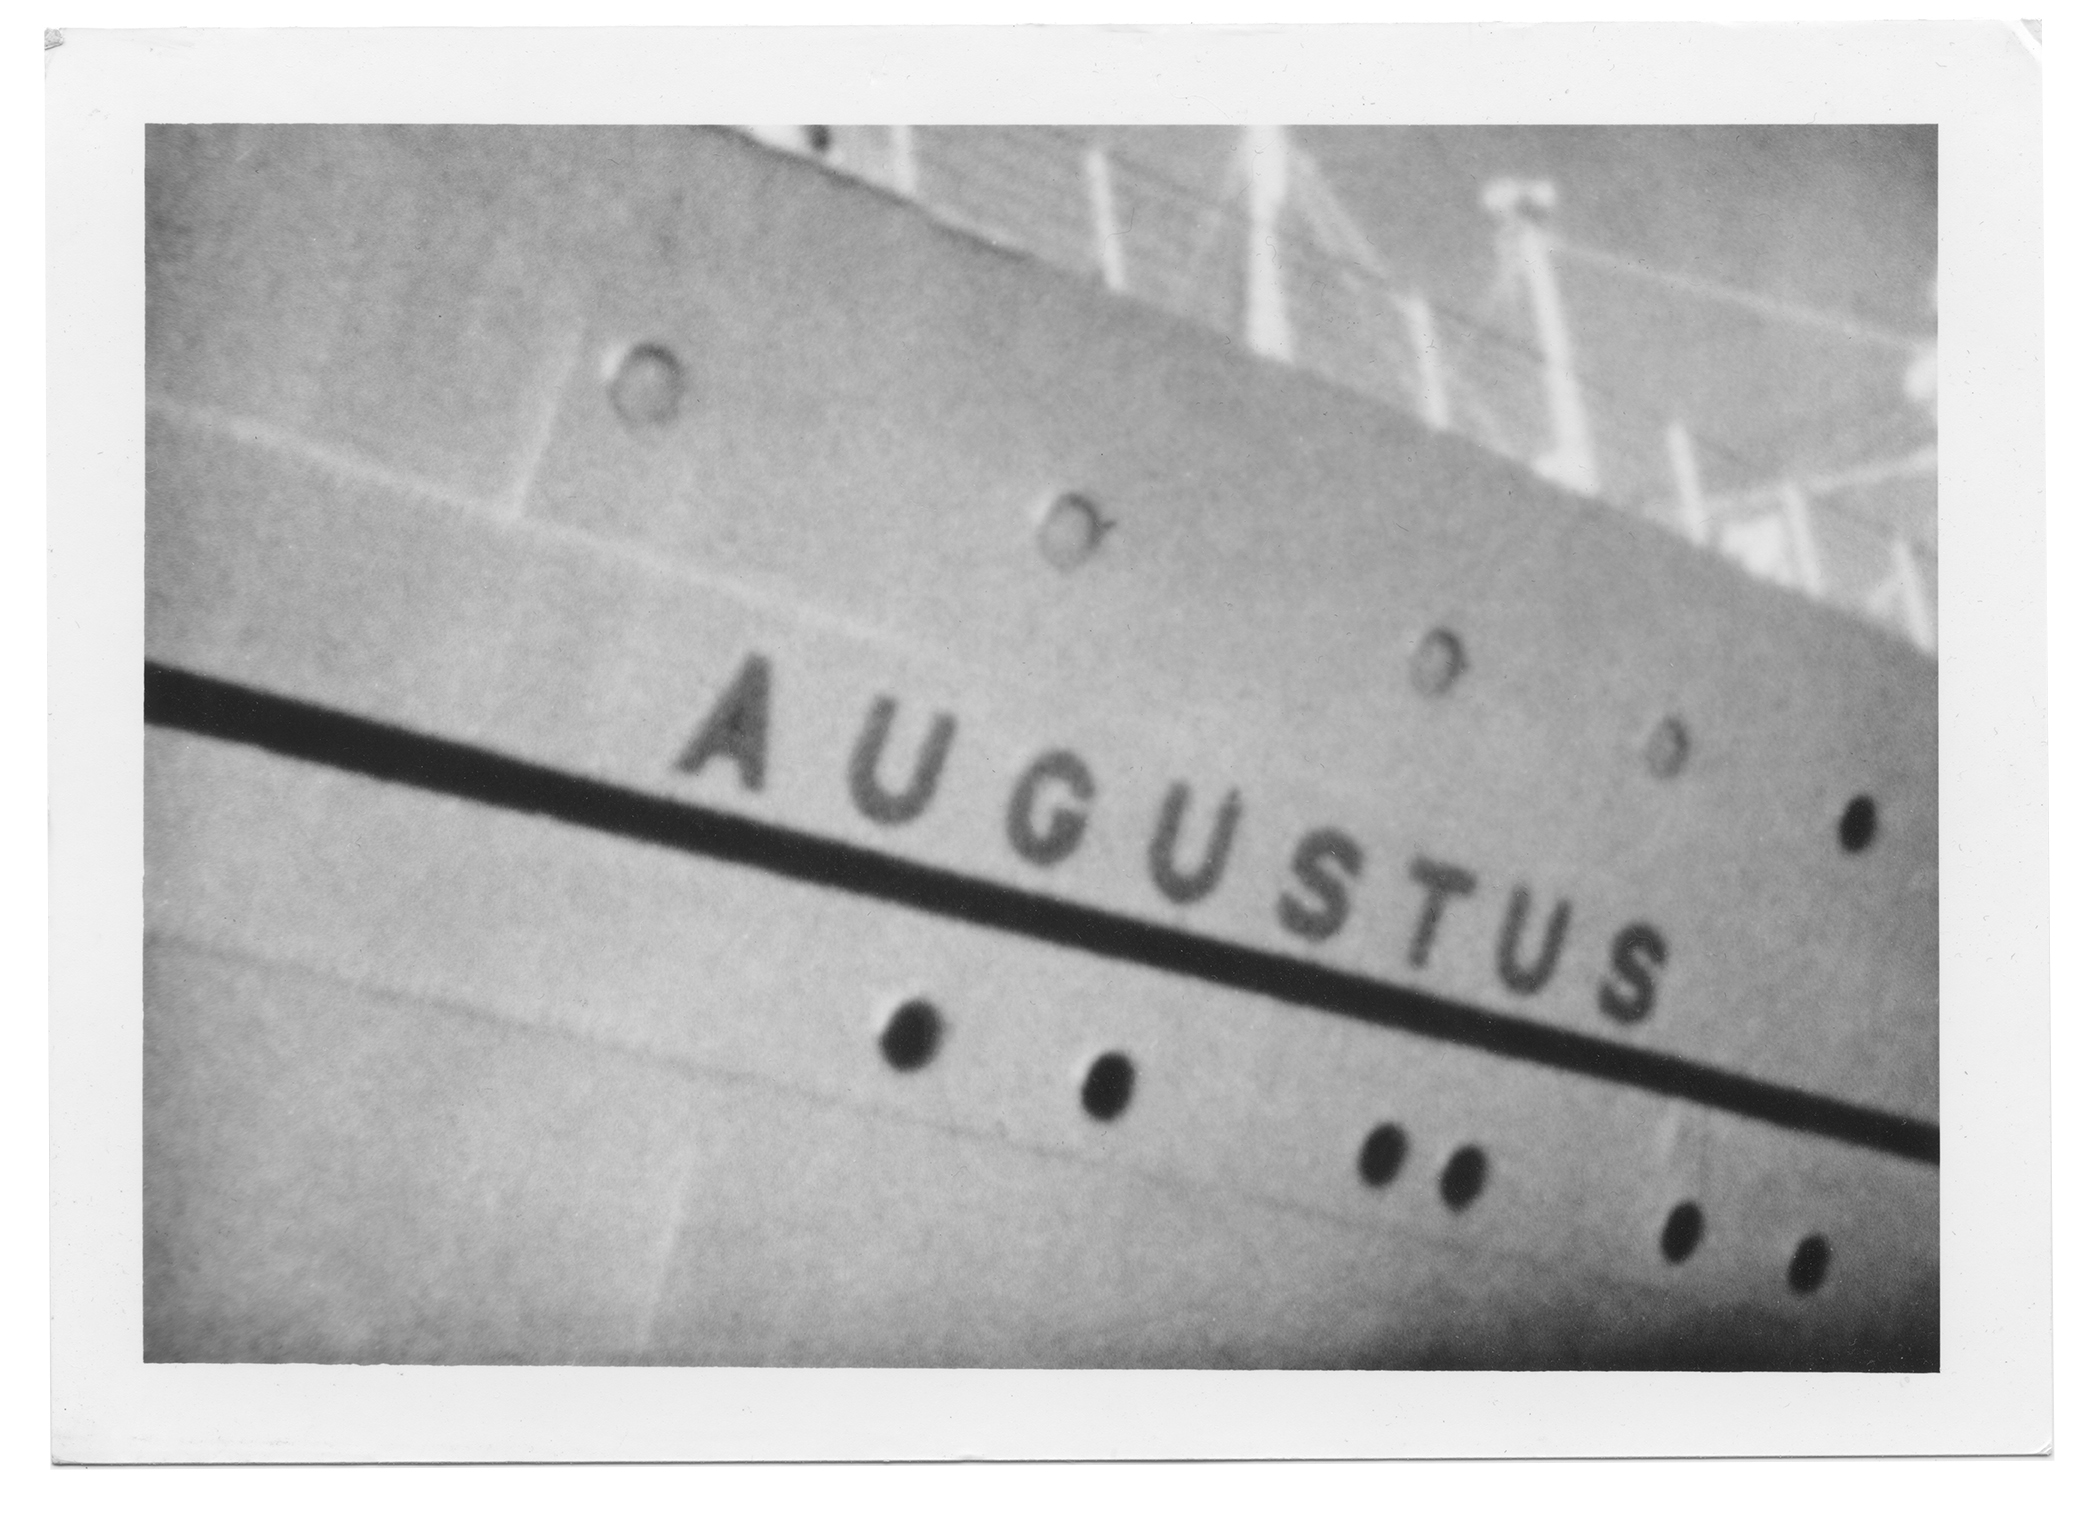 AUGUSTUS_OLD_1.jpg